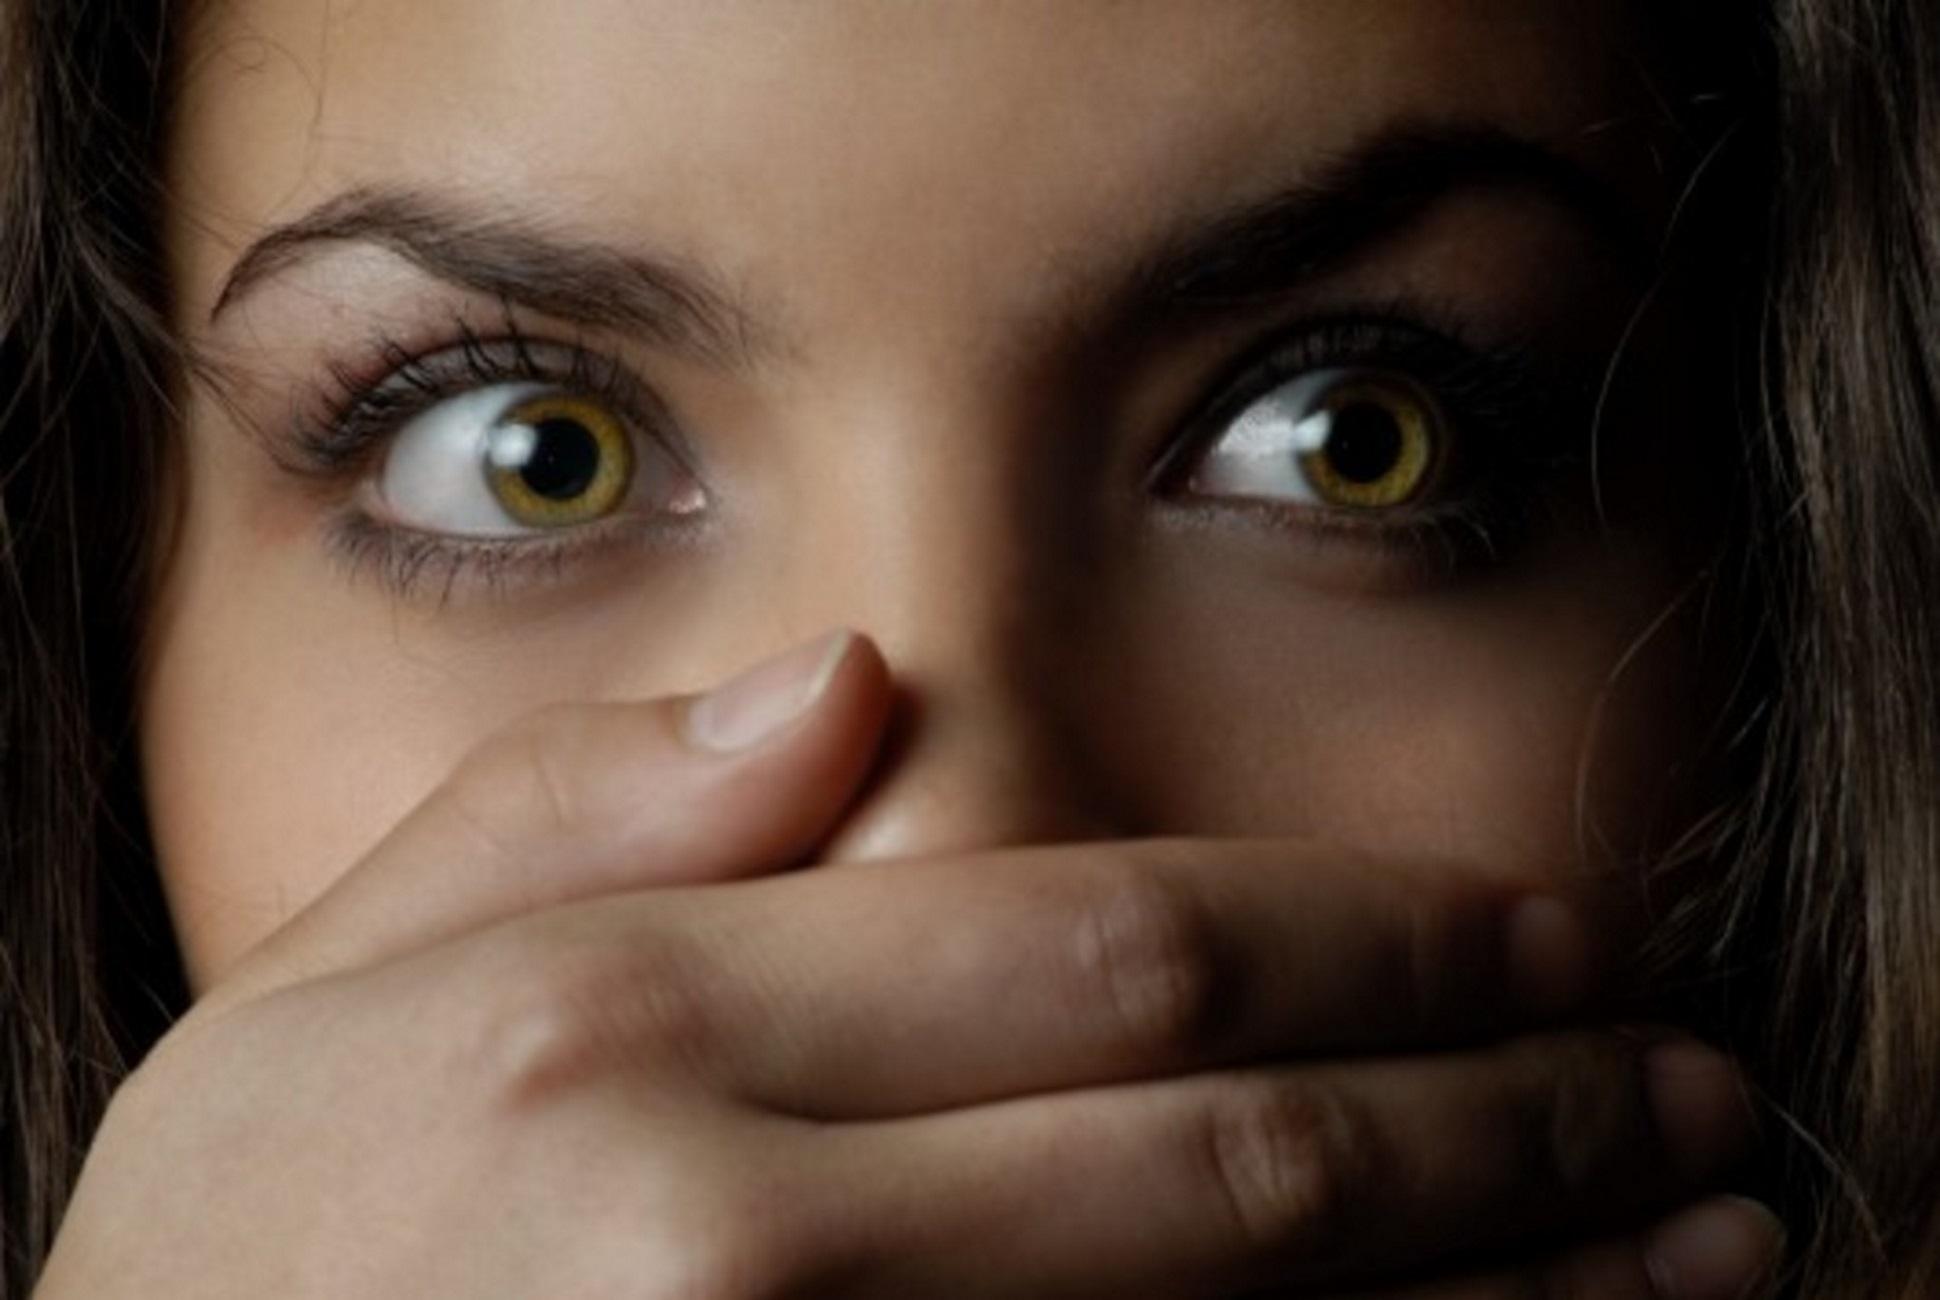 Νάξος: Πήραν στο κυνήγι Πακιστανό που προσπάθησε να βιάσει γυναίκα! Σάλος στο νησί των Κυκλάδων